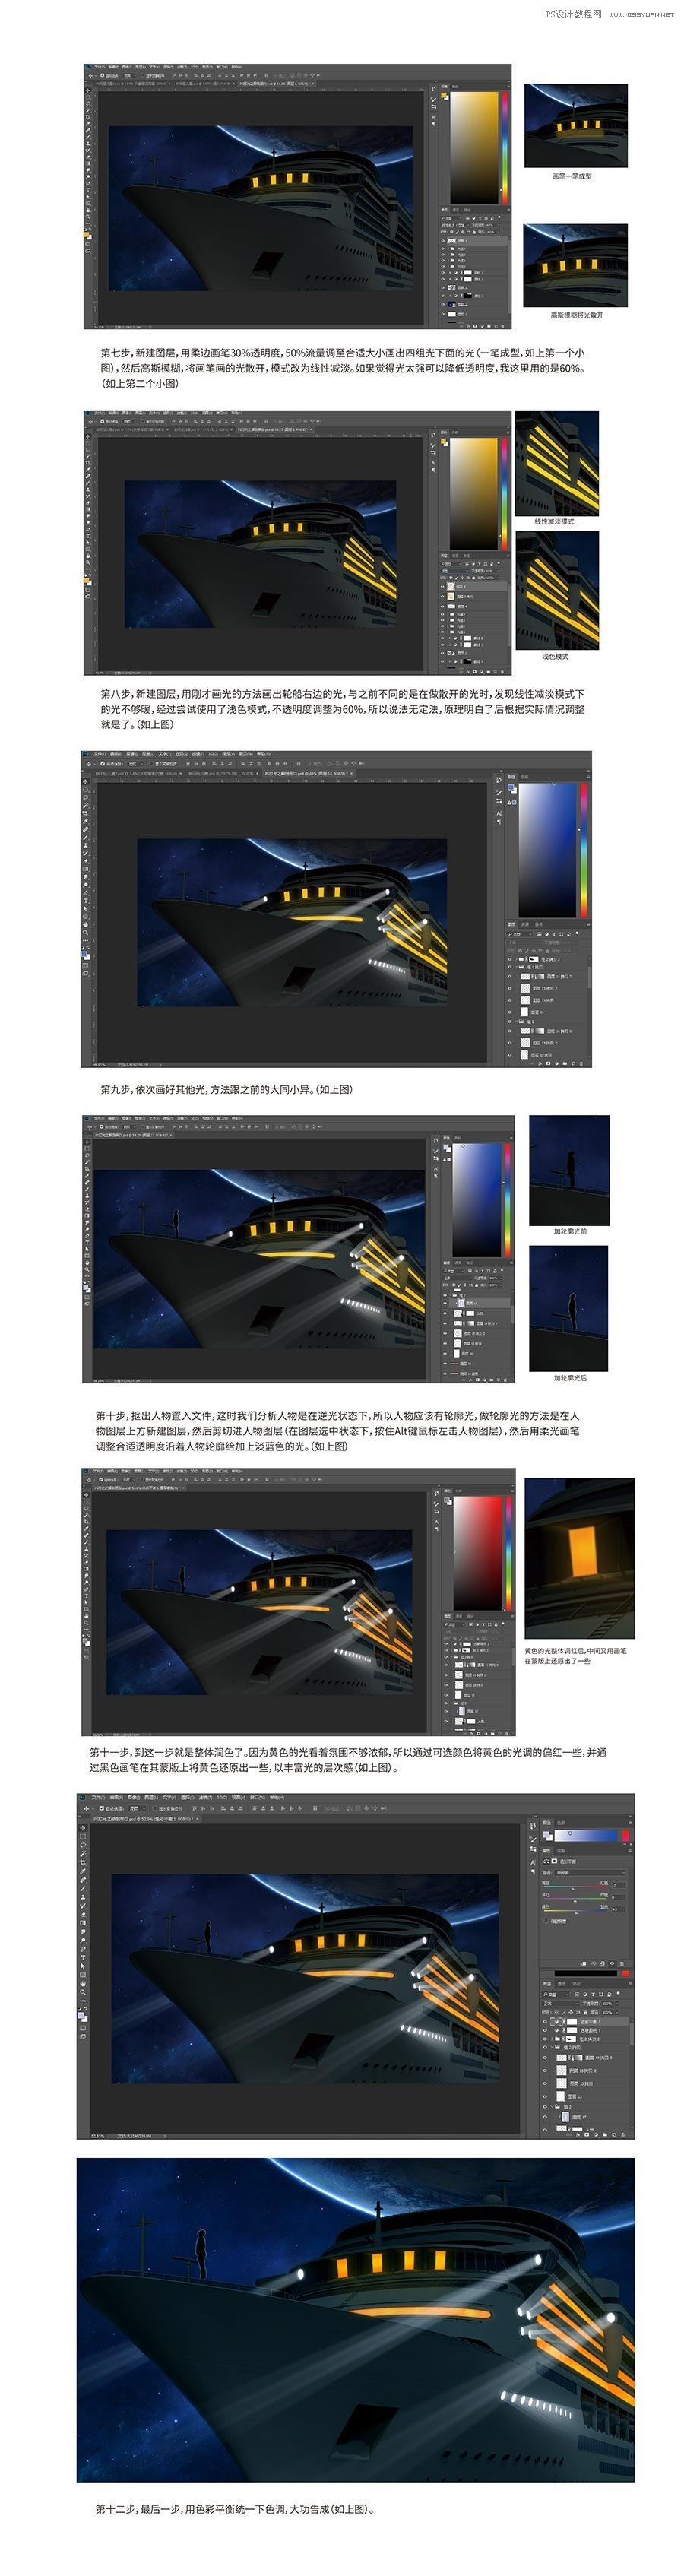 夜景效果:用PS把白天照片变成夜晚效果,PS教程,思缘教程网